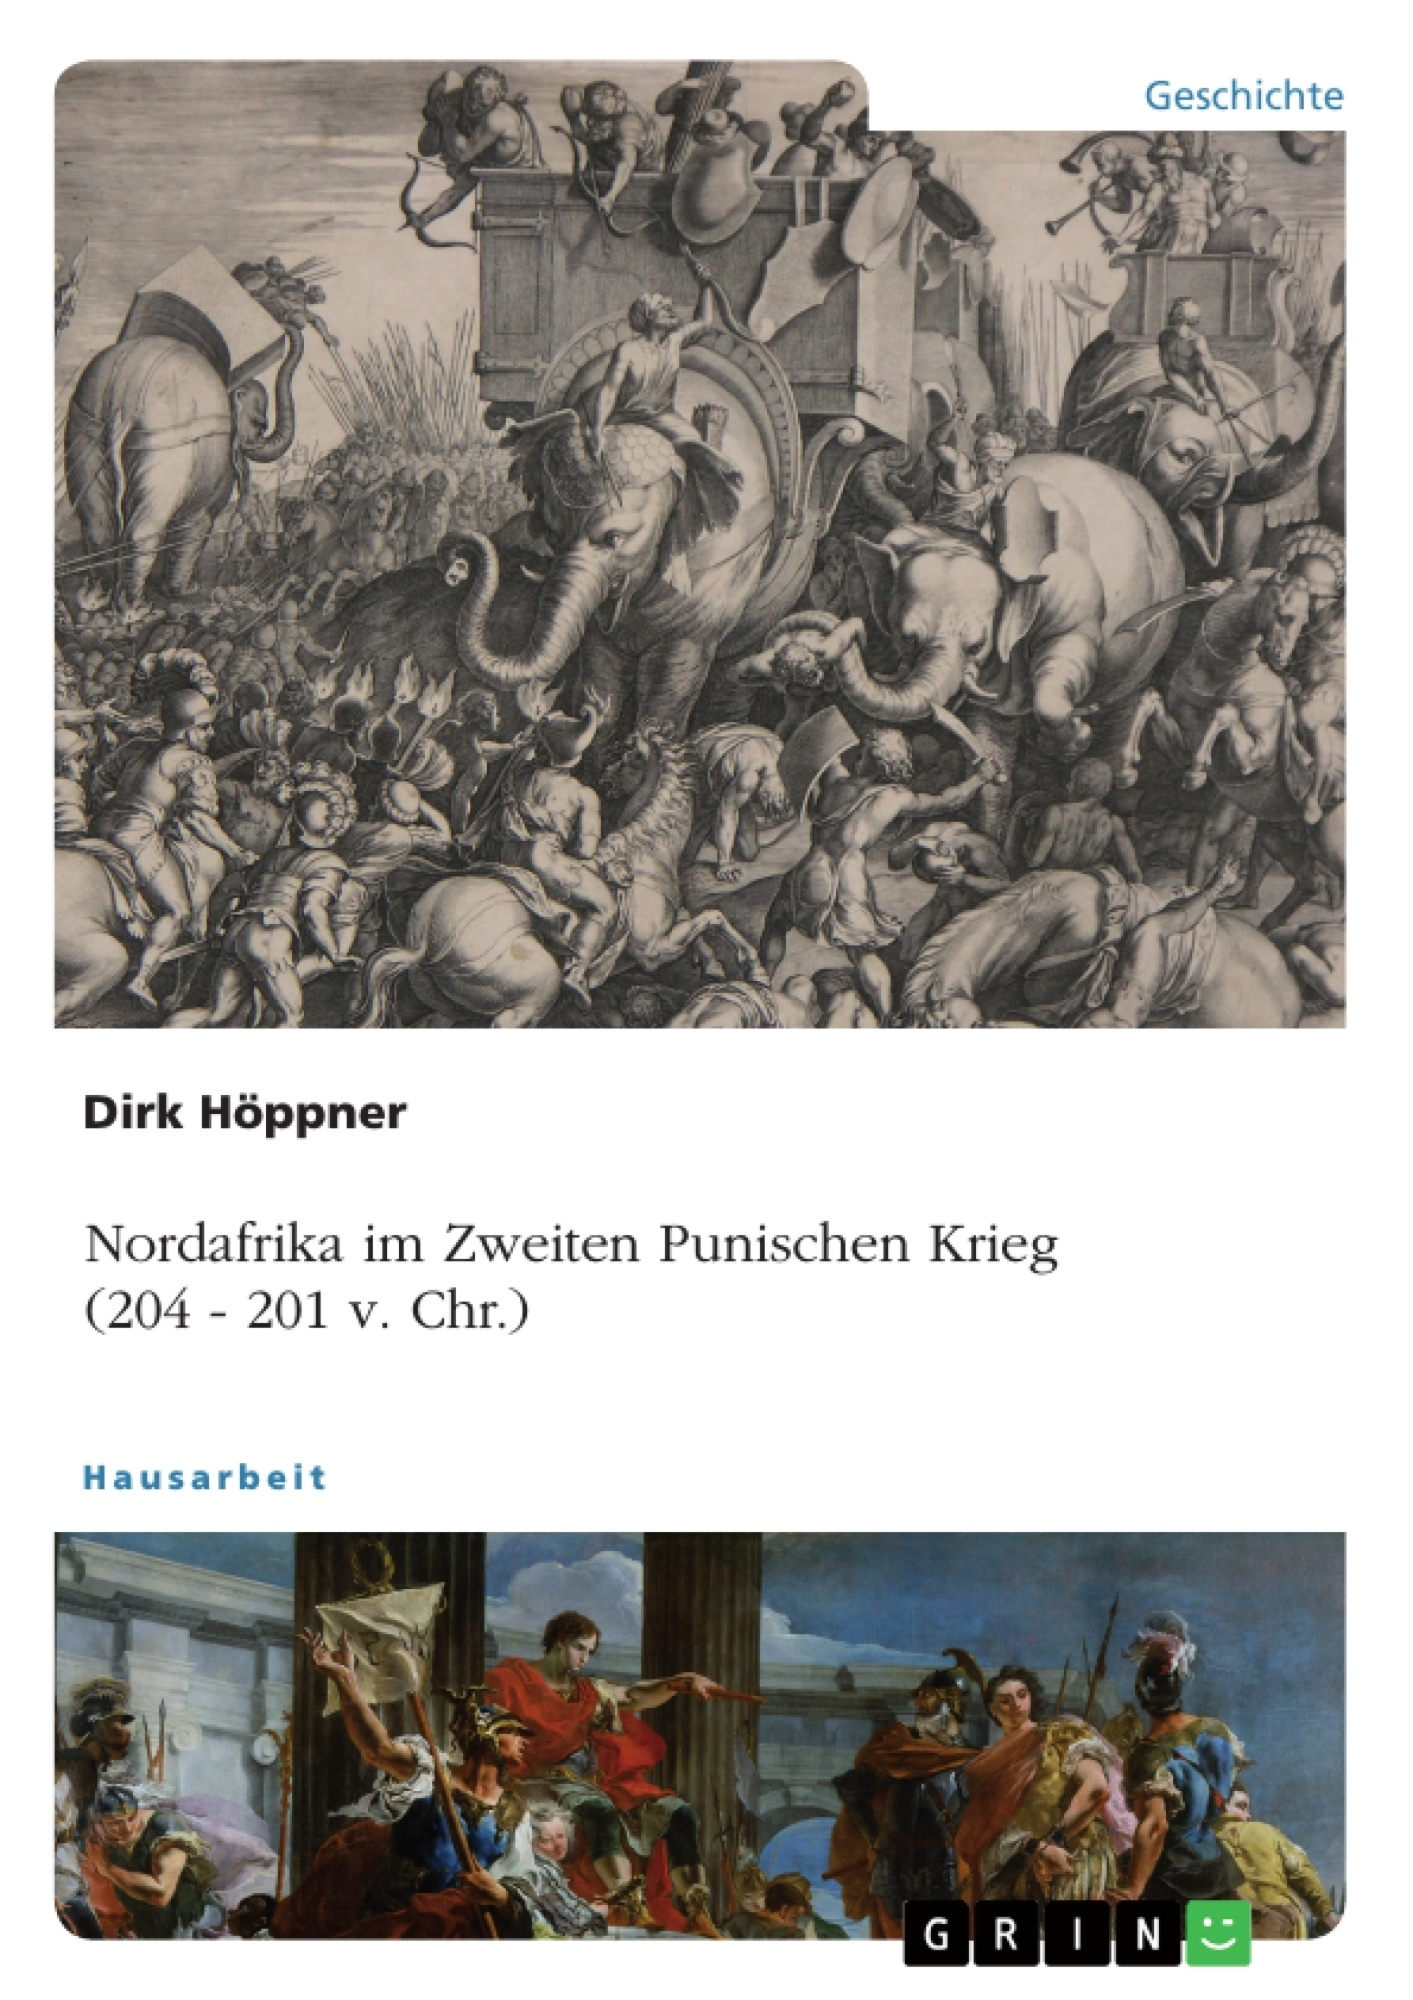 Titel: Nordafrika im Zweiten Punischen Krieg (204 - 201 v. Chr.)